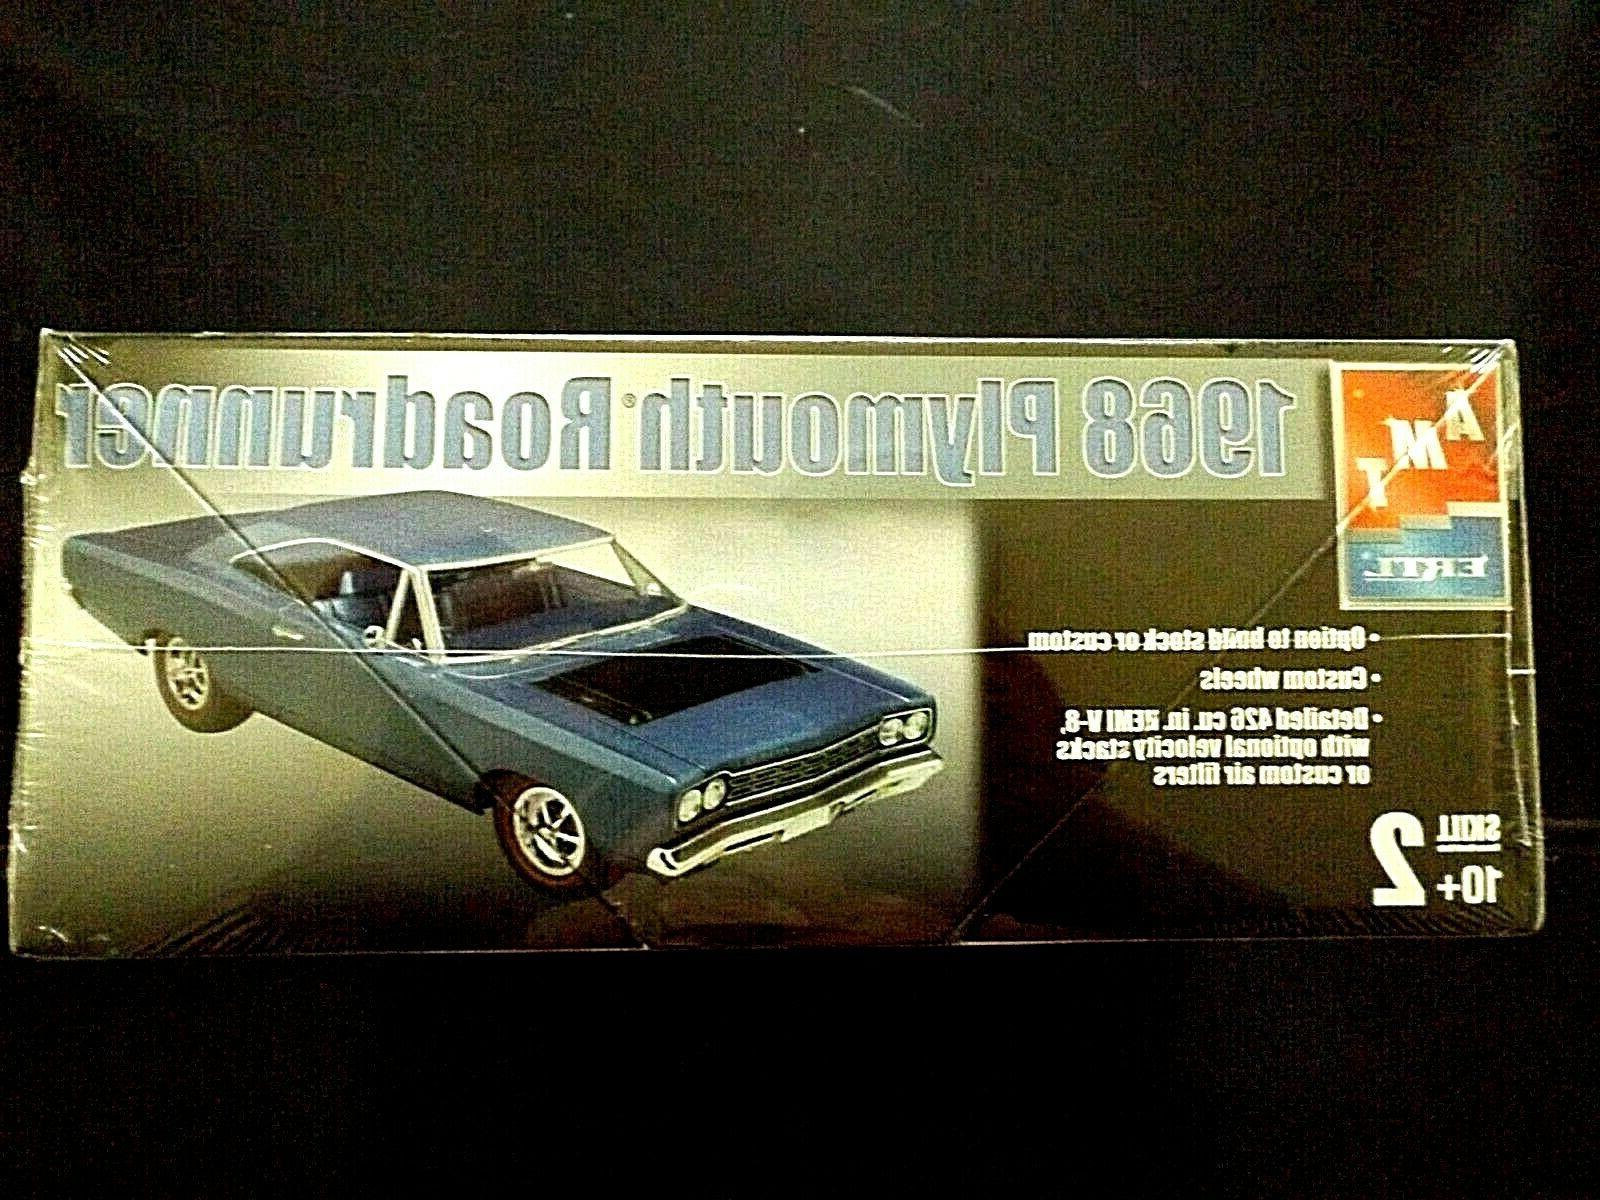 Model Kit 1968 Roadrunner 2n1 Kit AMT Muscle Cars